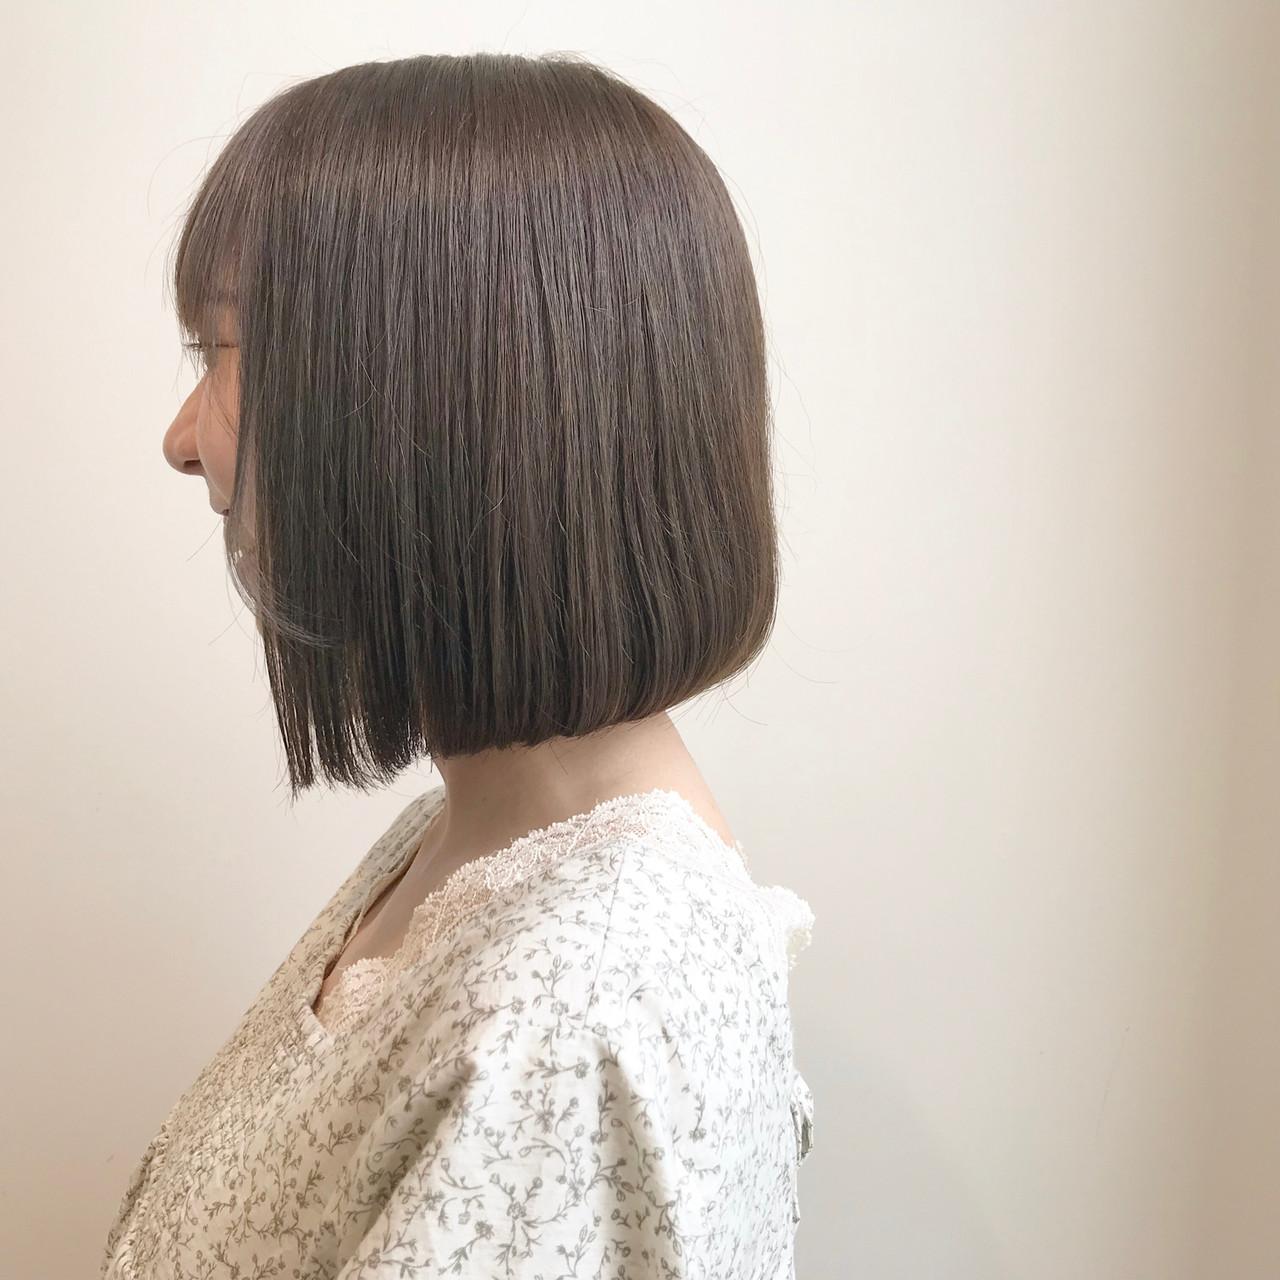 ミニボブ ミルクティーグレージュ 透明感カラー ボブ ヘアスタイルや髪型の写真・画像 | 村西 郁人 / rue